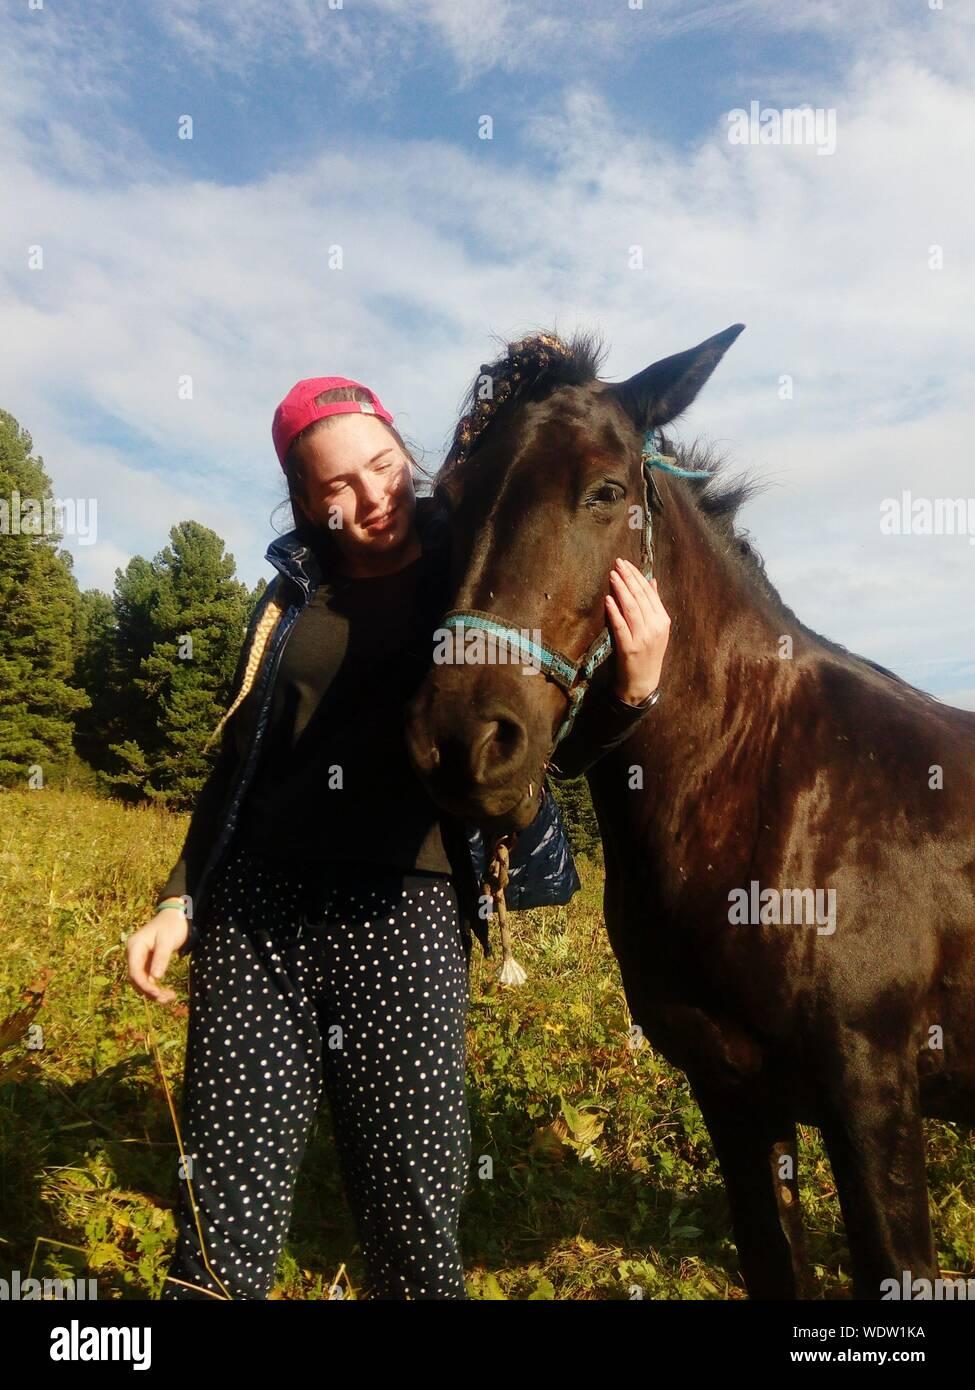 Mujer joven con caballo parado en el campo contra el cielo Foto de stock